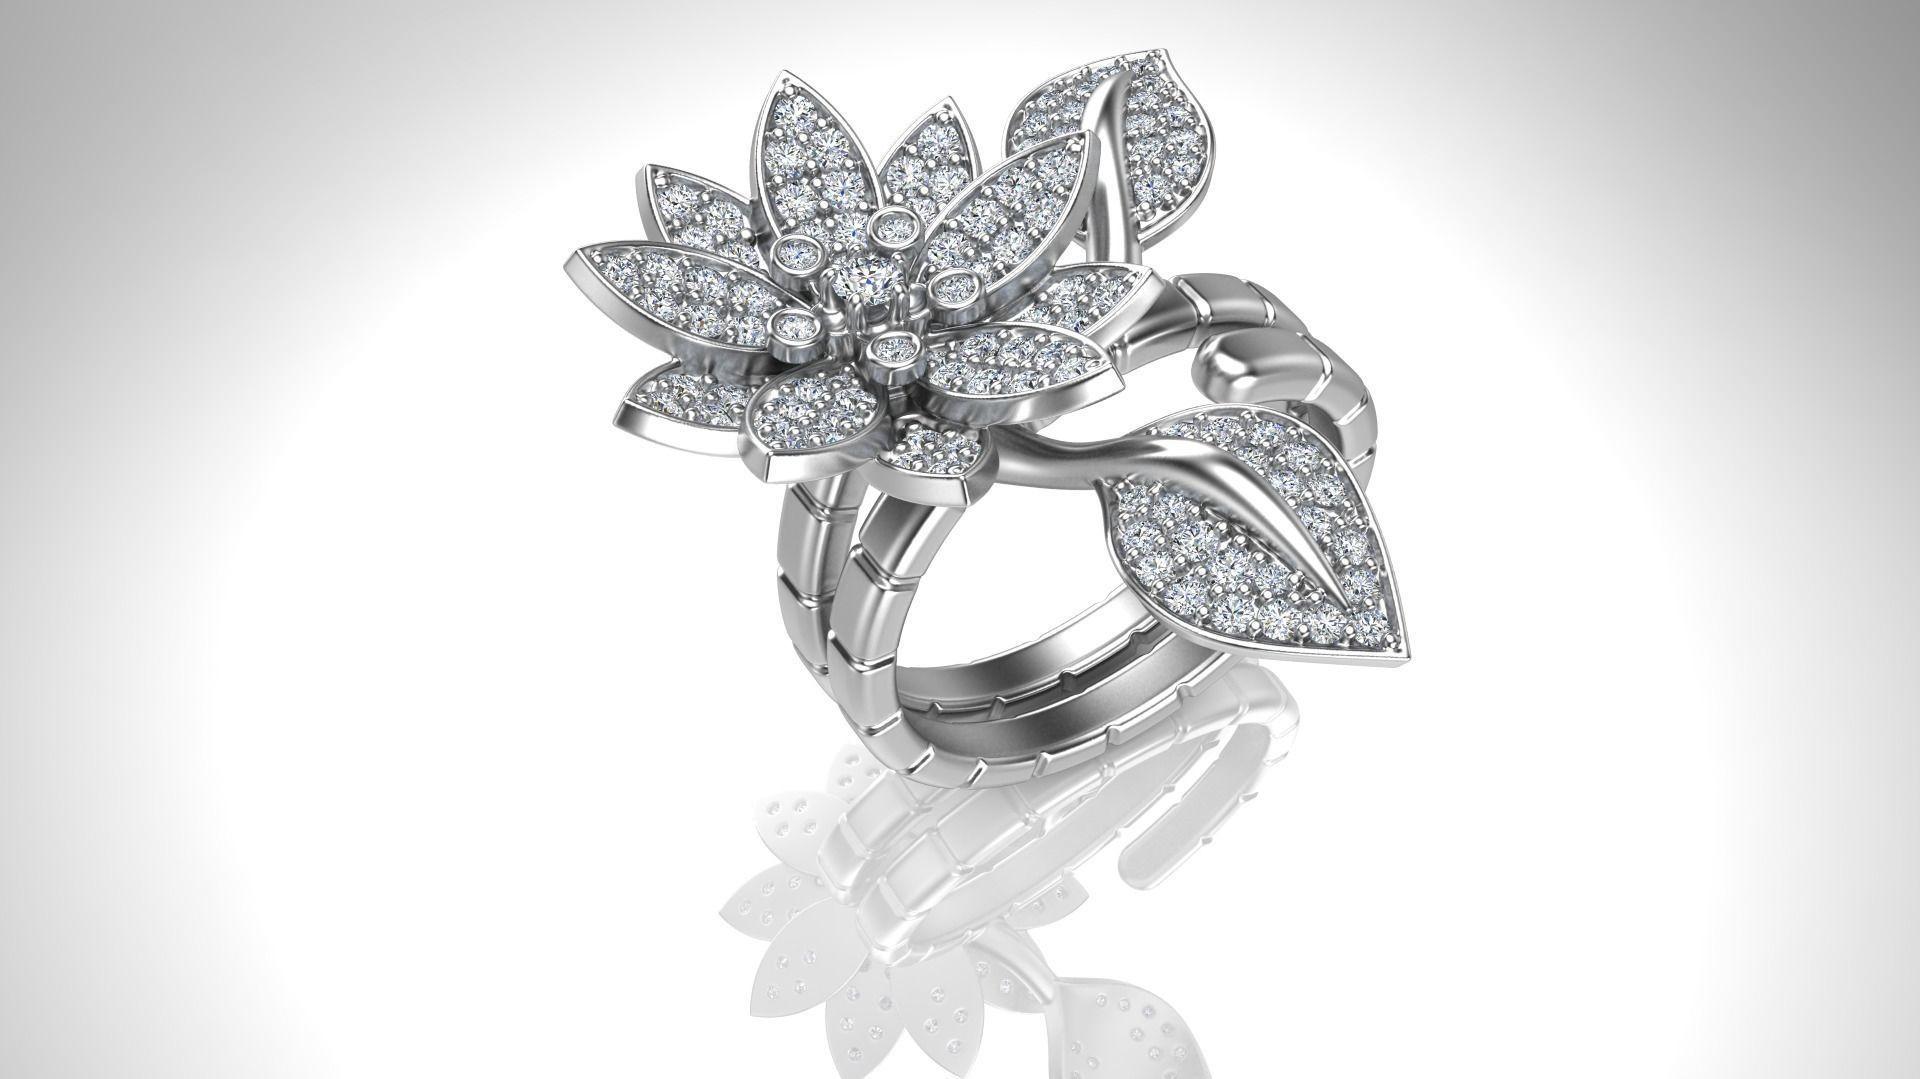 Floral Design - 3